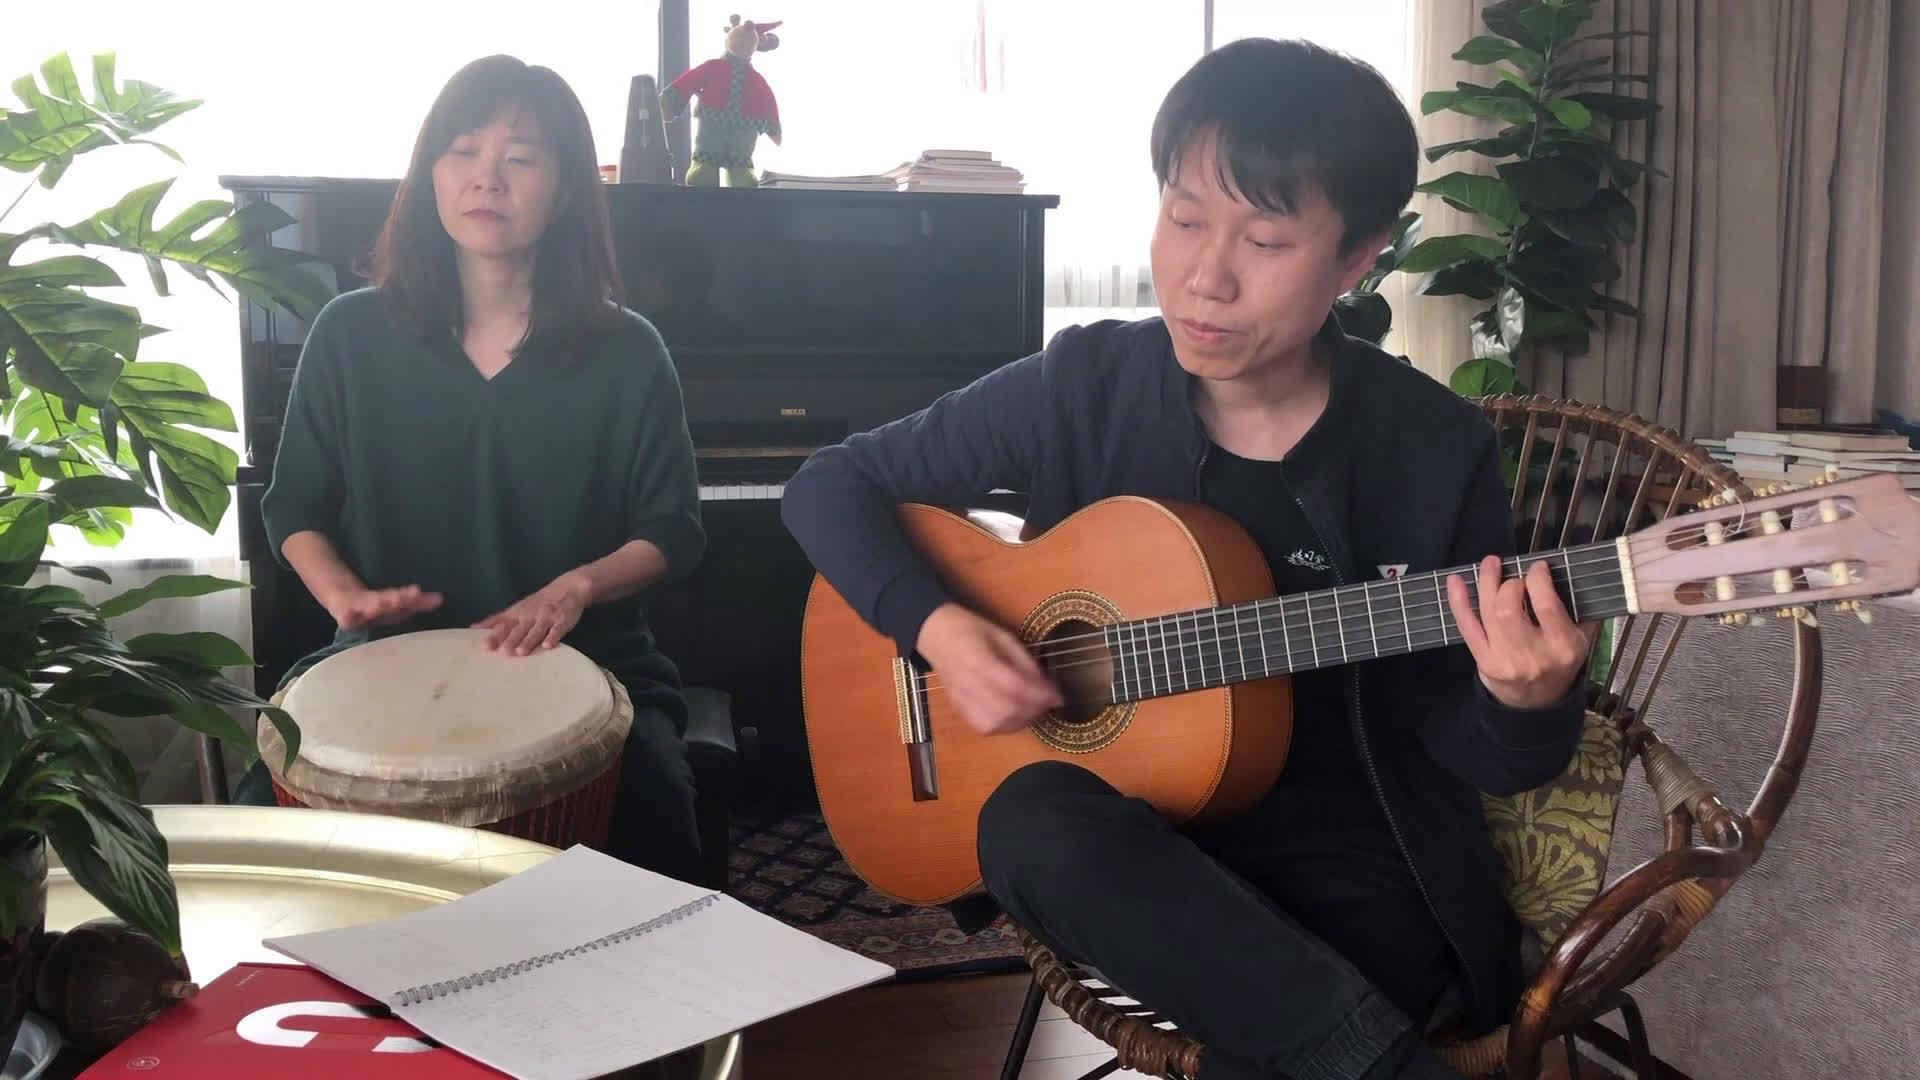 听听我们这首不太一样的云南民歌—小河淌水編曲/吉他:@贾锦江